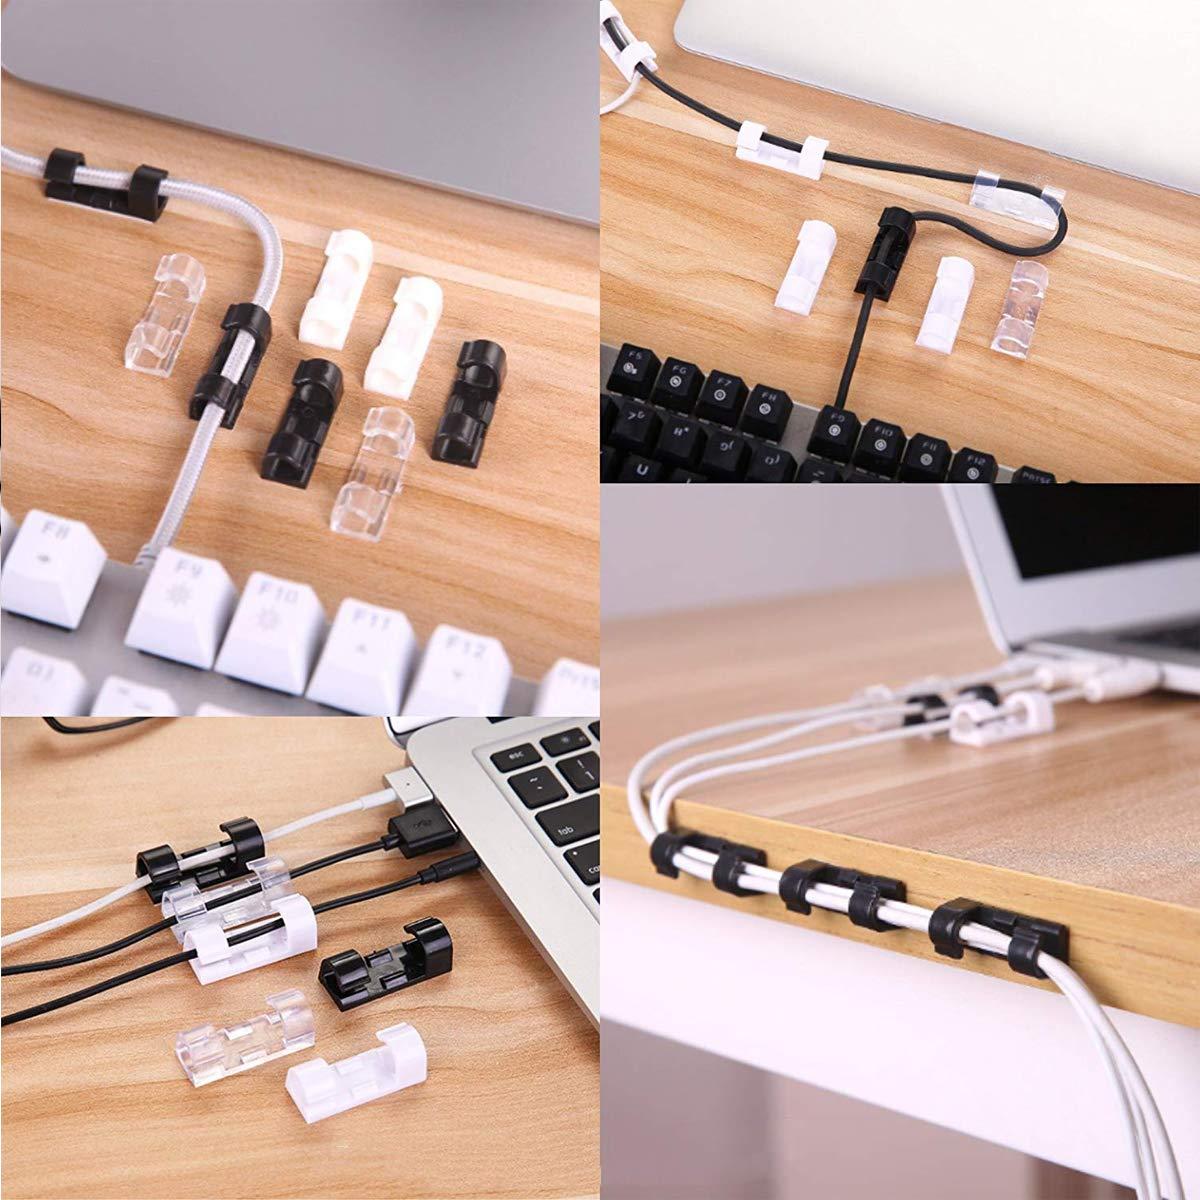 Mengger C/âbles Adh/ésifs R/églable Clips Fils Attache Cable Pince Fil Clamp Ligne Organisateur 80 pi/èces plastique Cravates Fixateur Attache Clip de c/âble